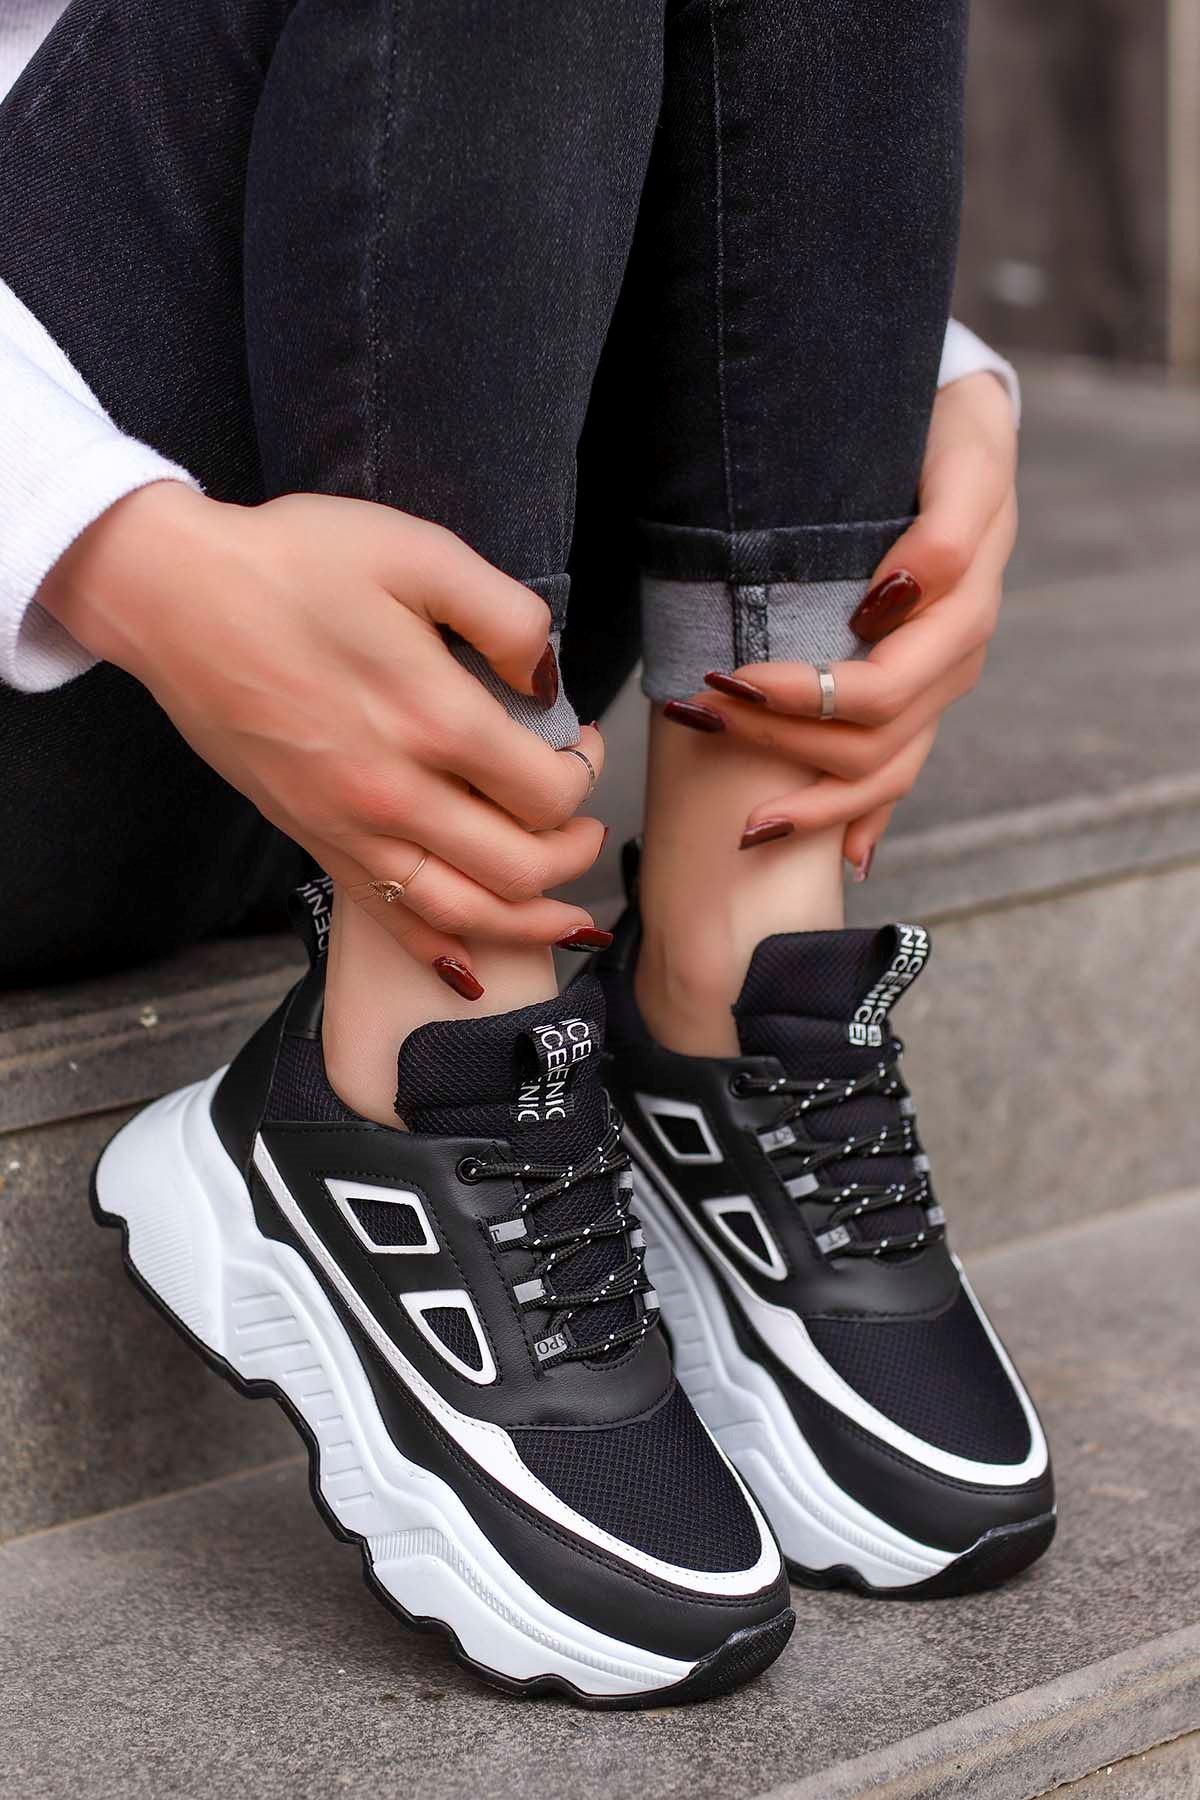 Frm-107 Spor Ayakkabı Siyah Beyaz Detay